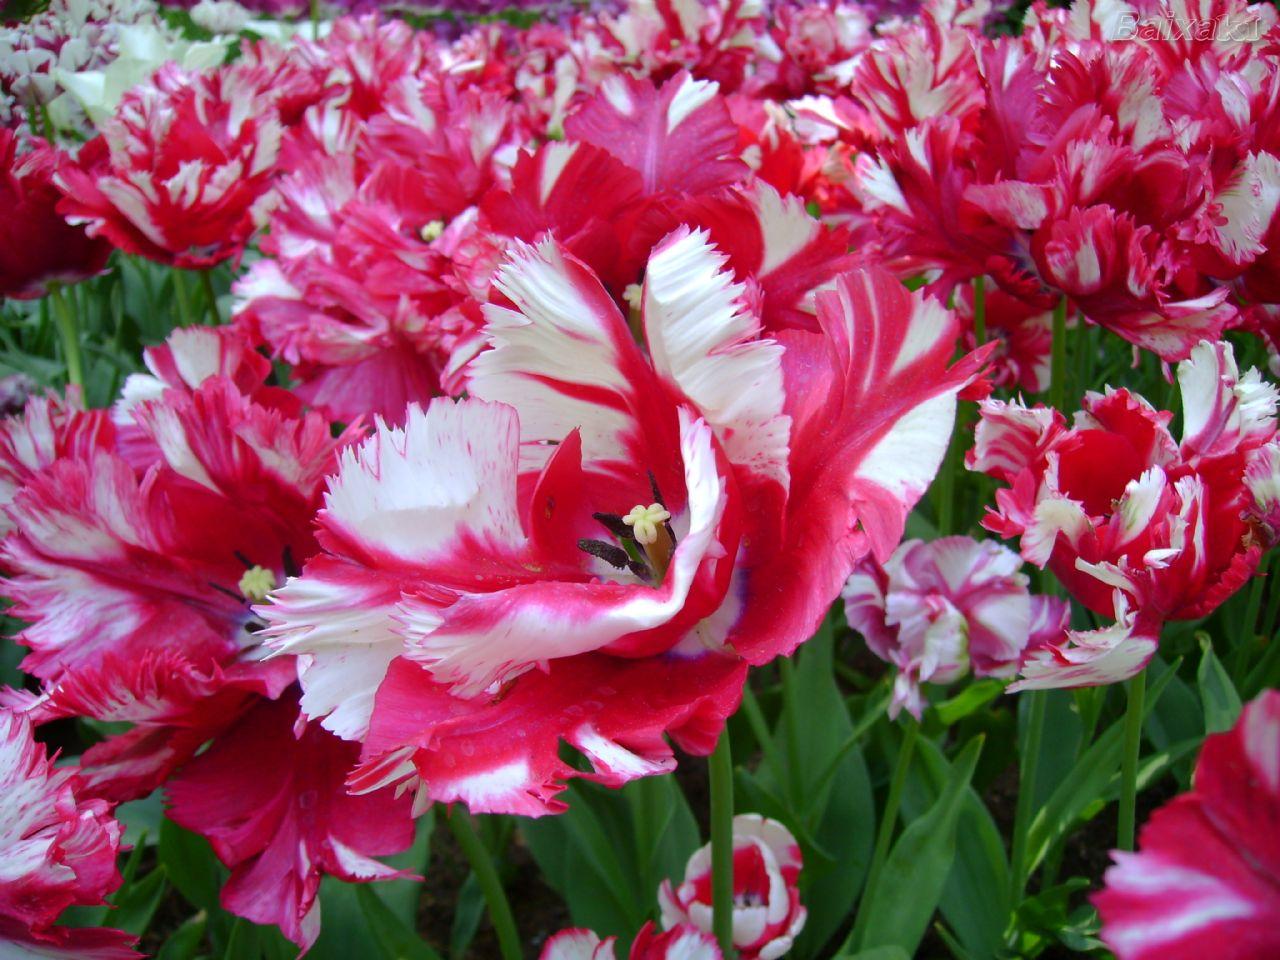 rosas no jardim de deus : rosas no jardim de deus: compartilhar no twitter compartilhar no facebook compartilhar com